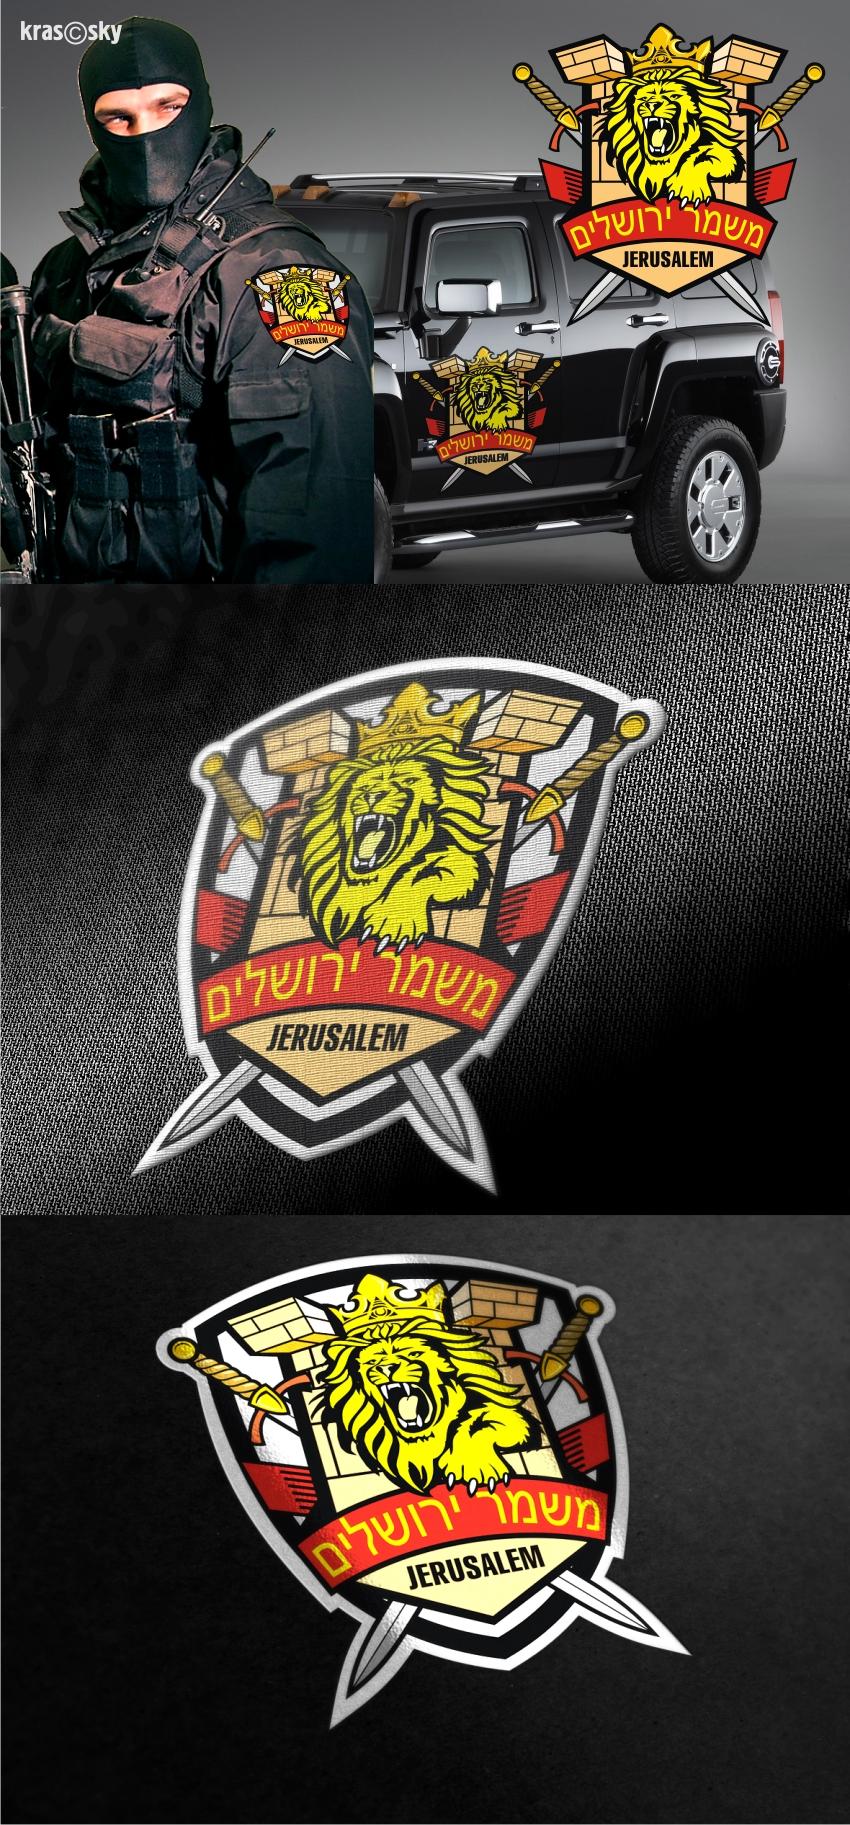 Разработка логотипа. Компания Страж Иерусалима фото f_01651fa6dcddfe96.jpg